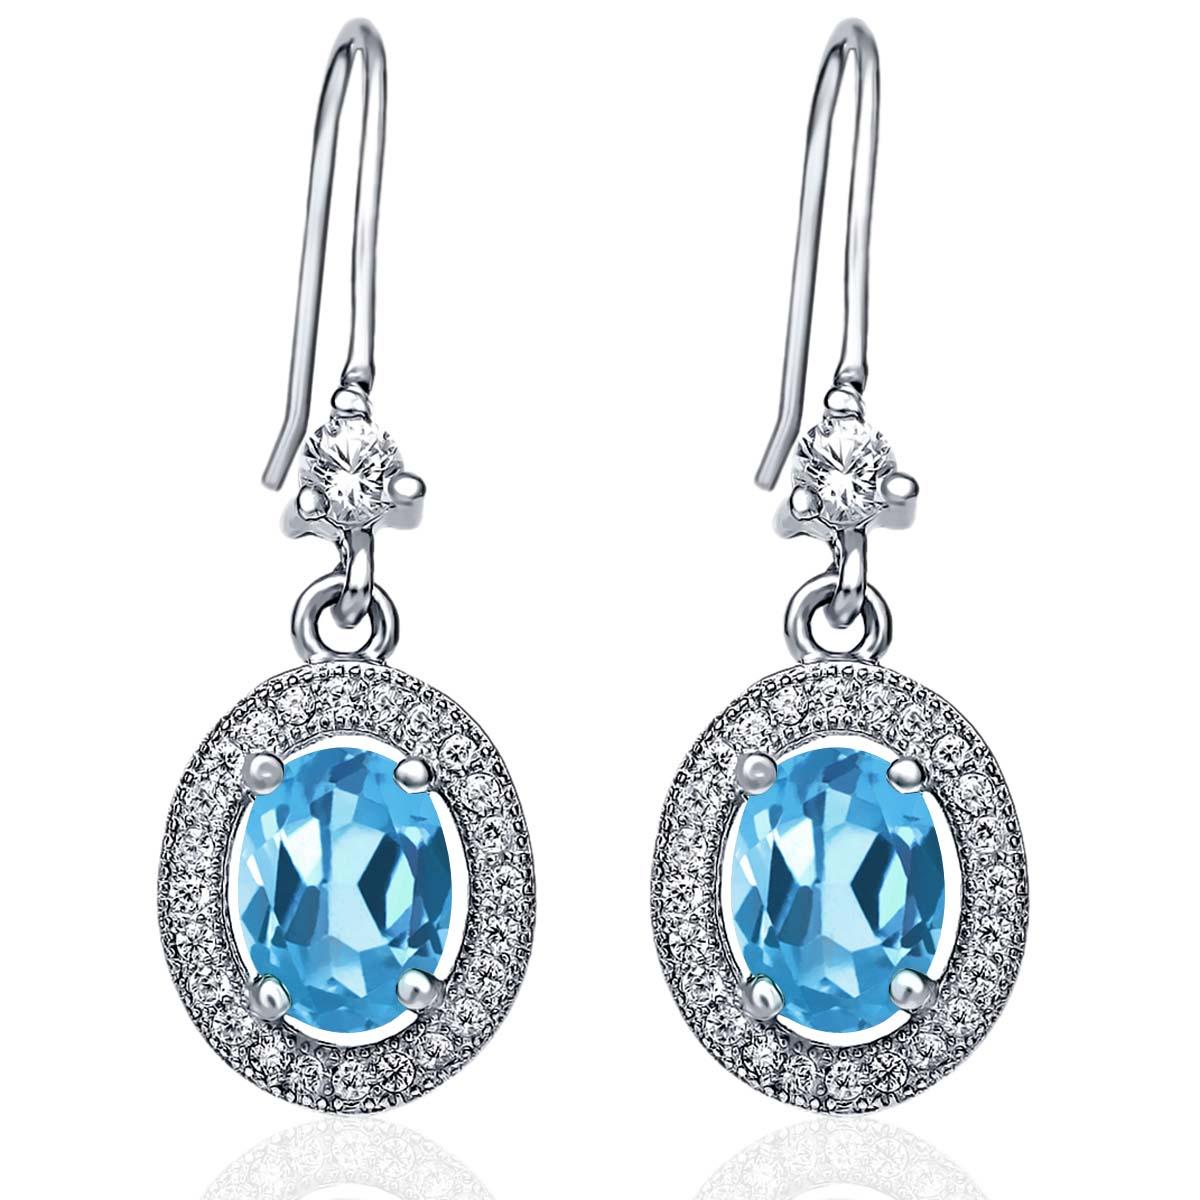 3.72 Ct Oval Swiss Blue Topaz 925 Sterling Silver Earrings